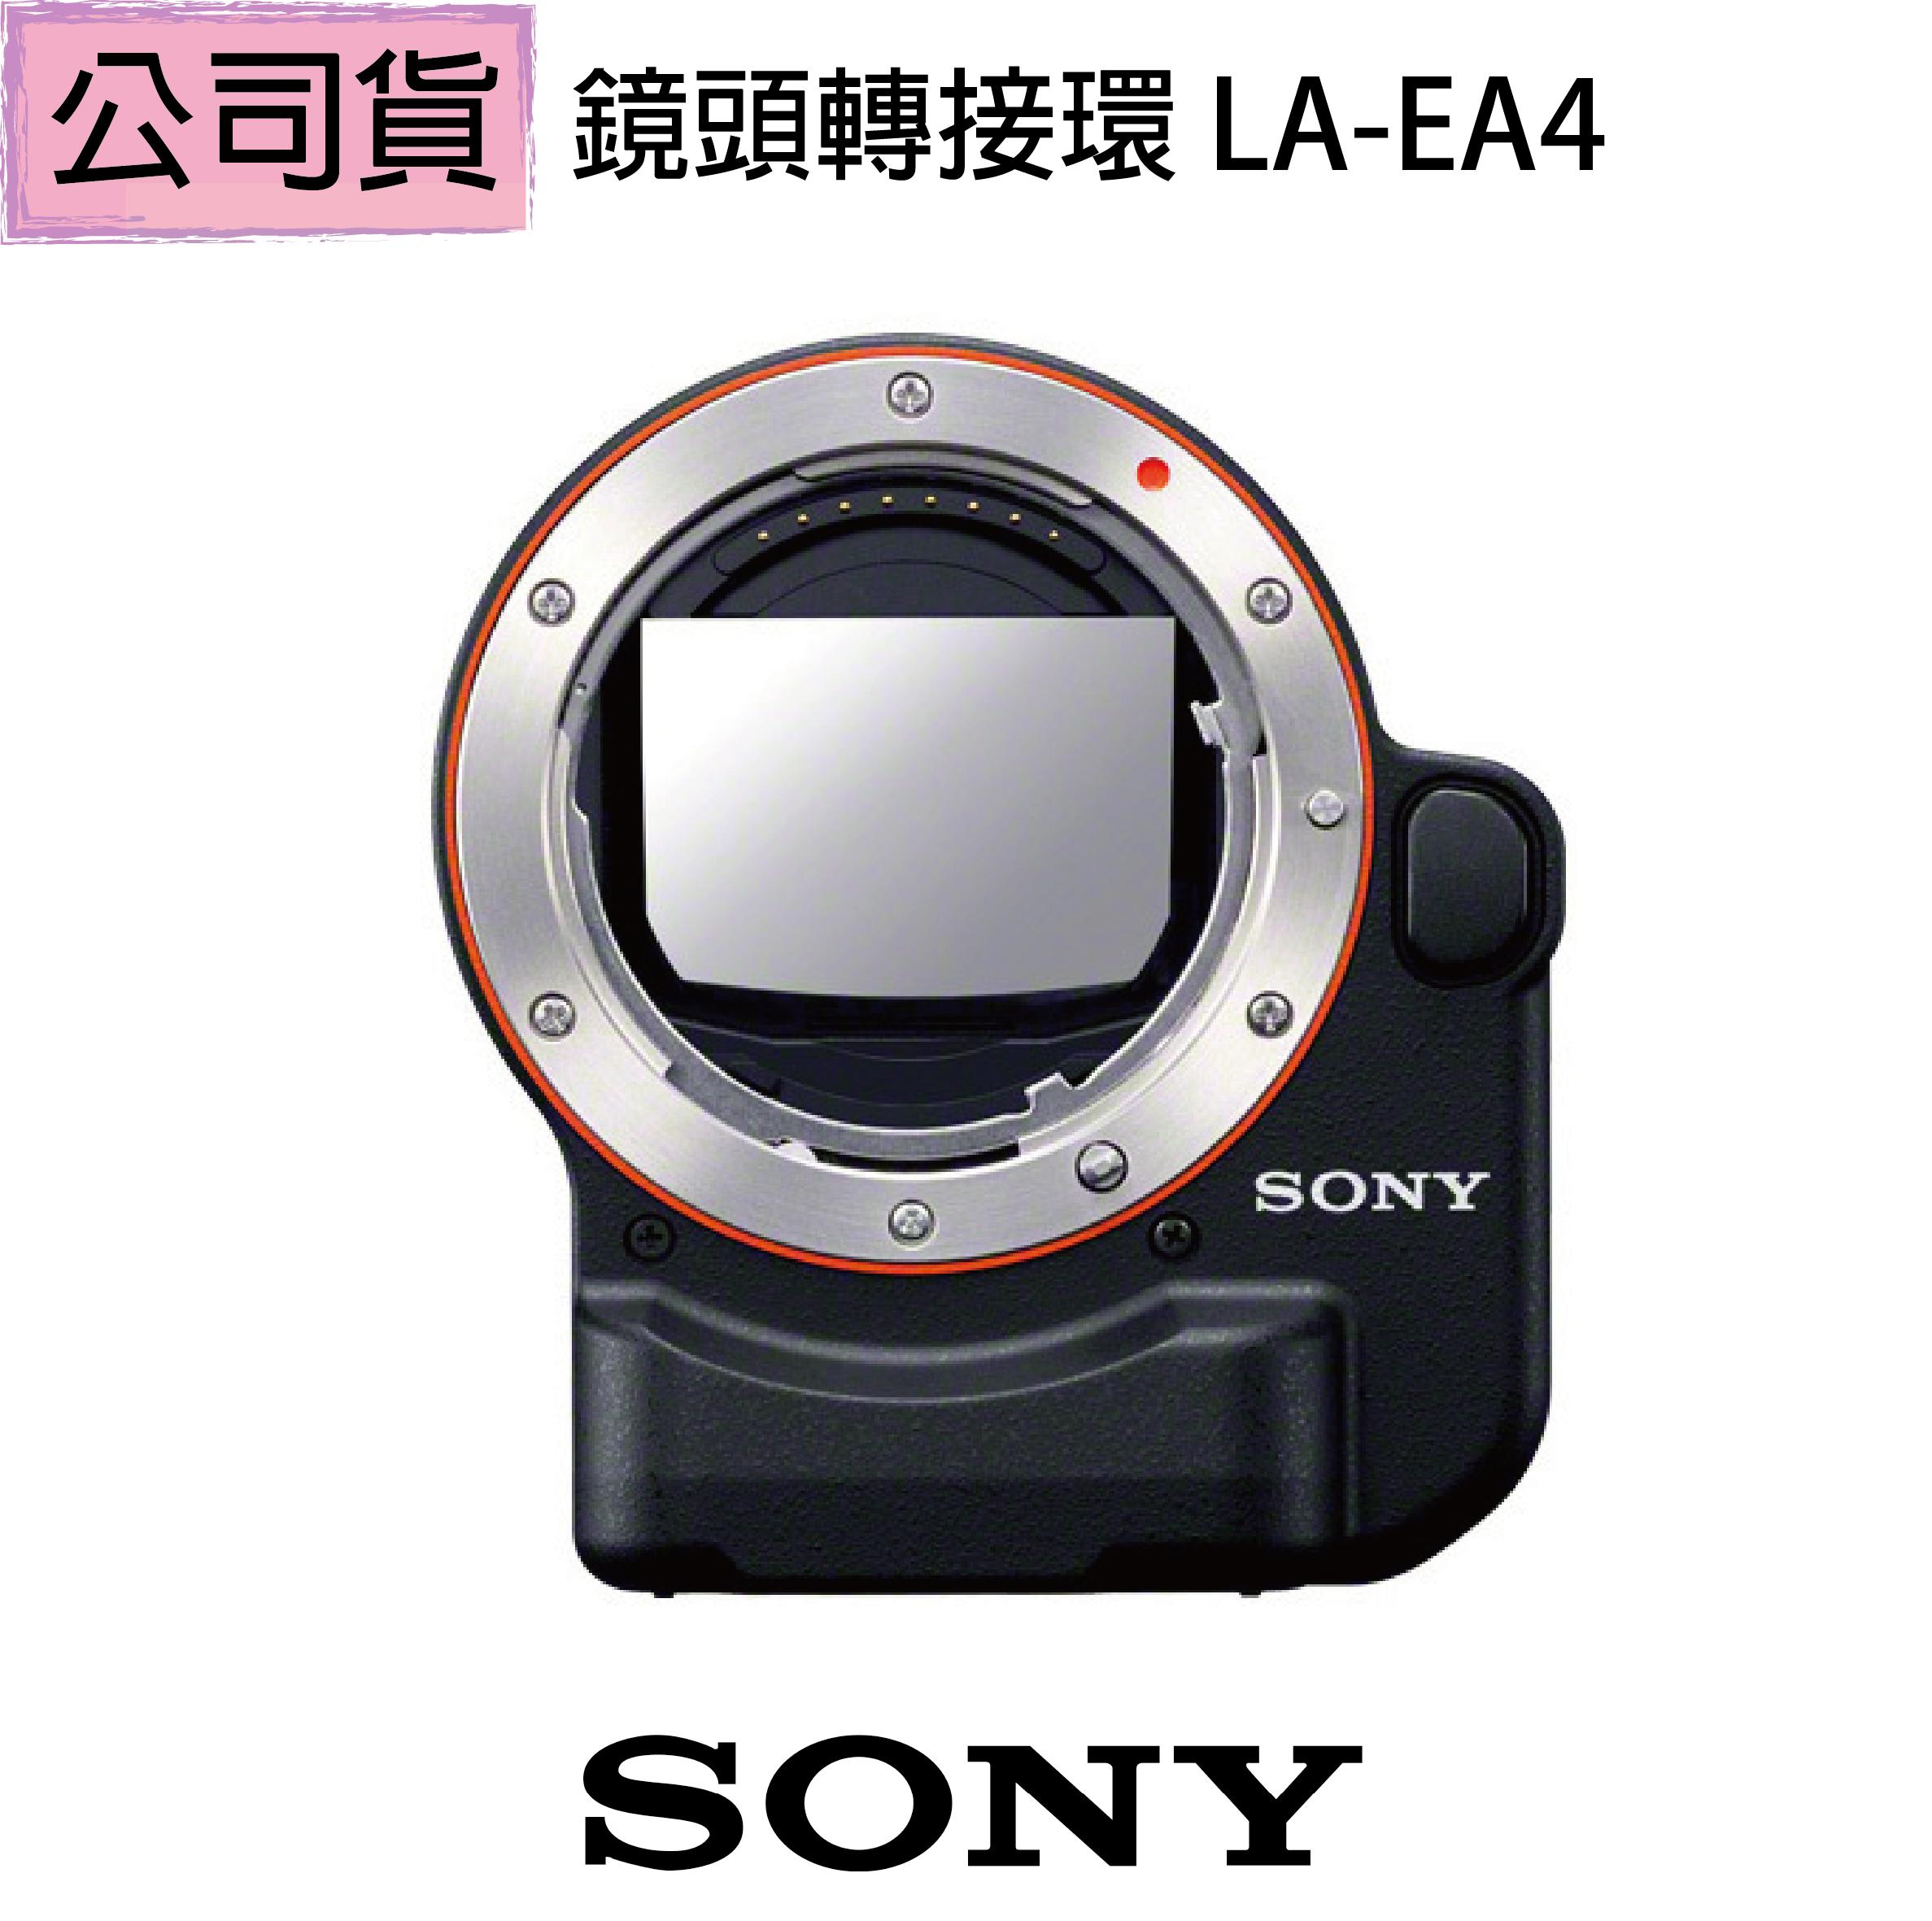 【SONY】鏡頭轉接環 LA-EA4(公司貨)